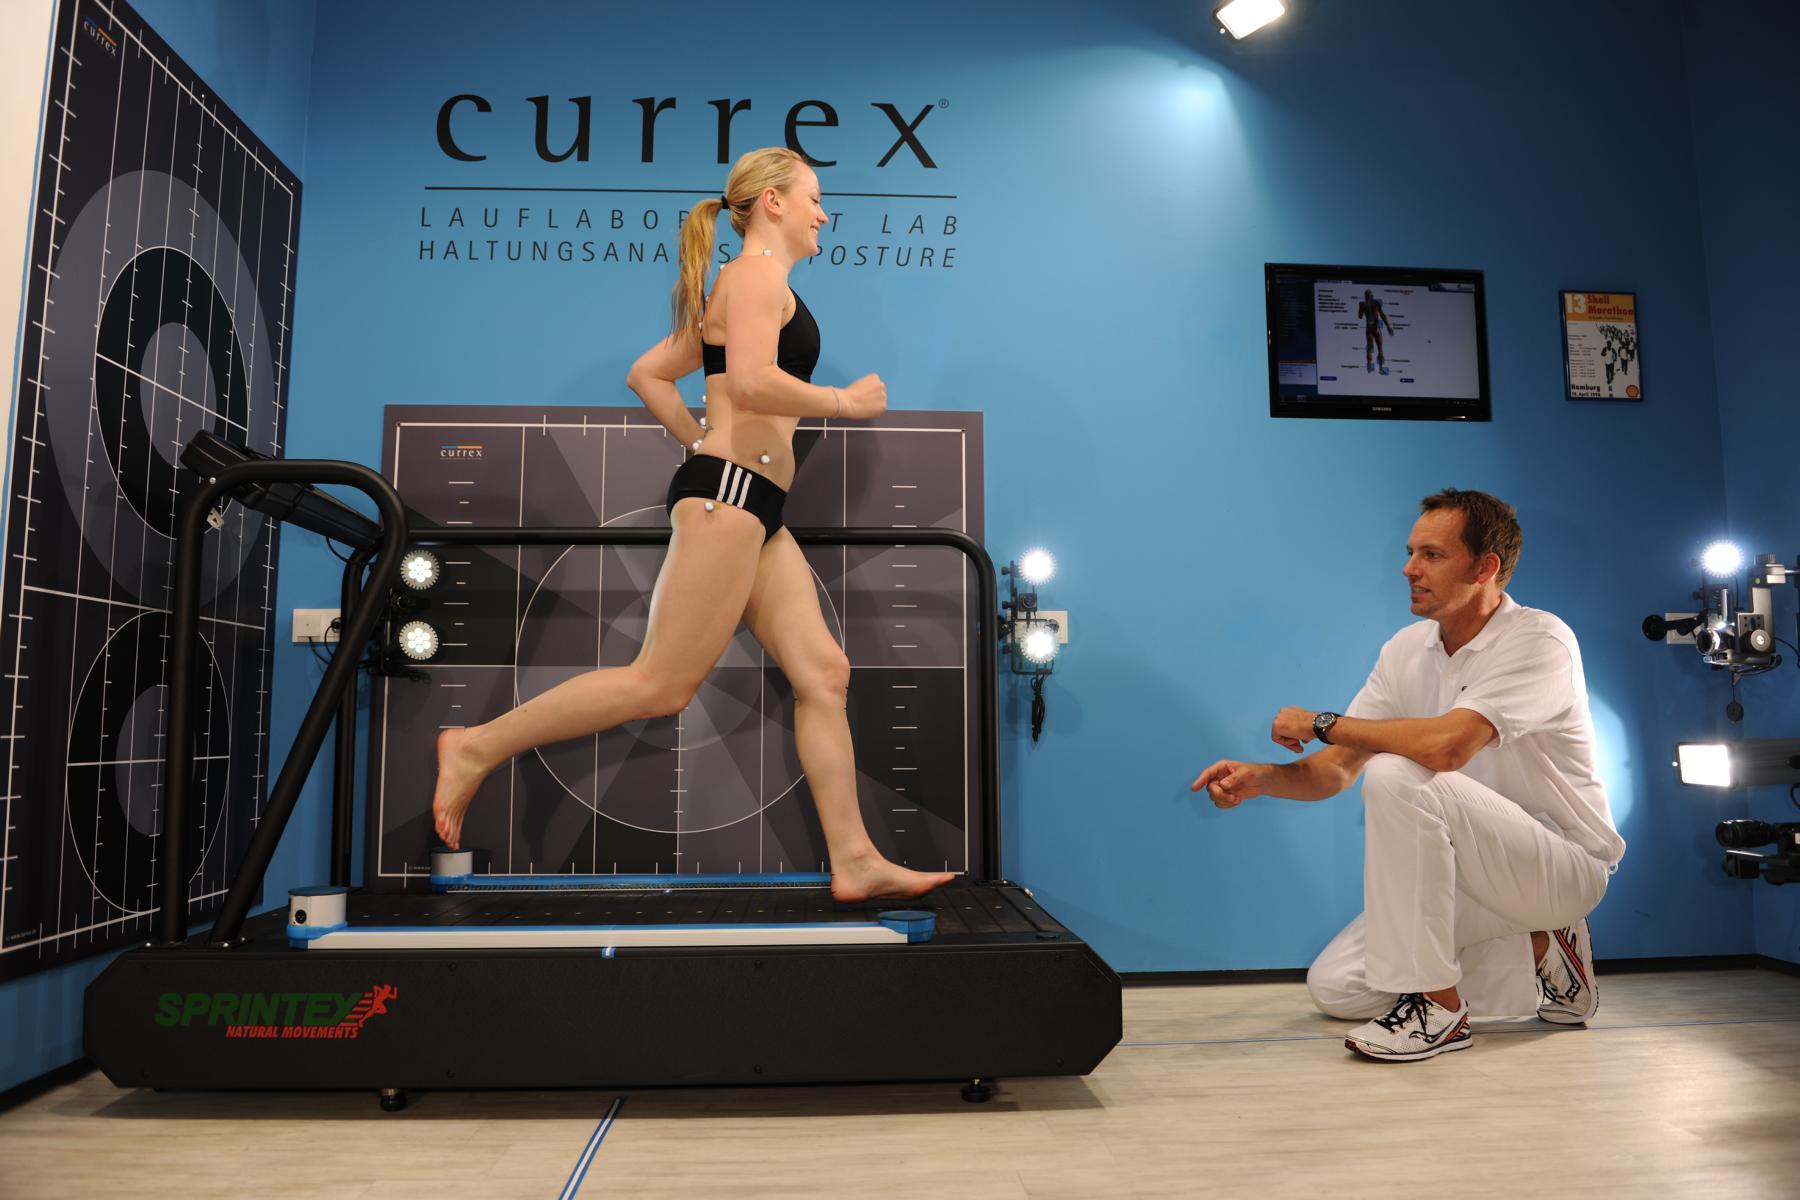 professionelle Bewegungsanalyse  (c) currex